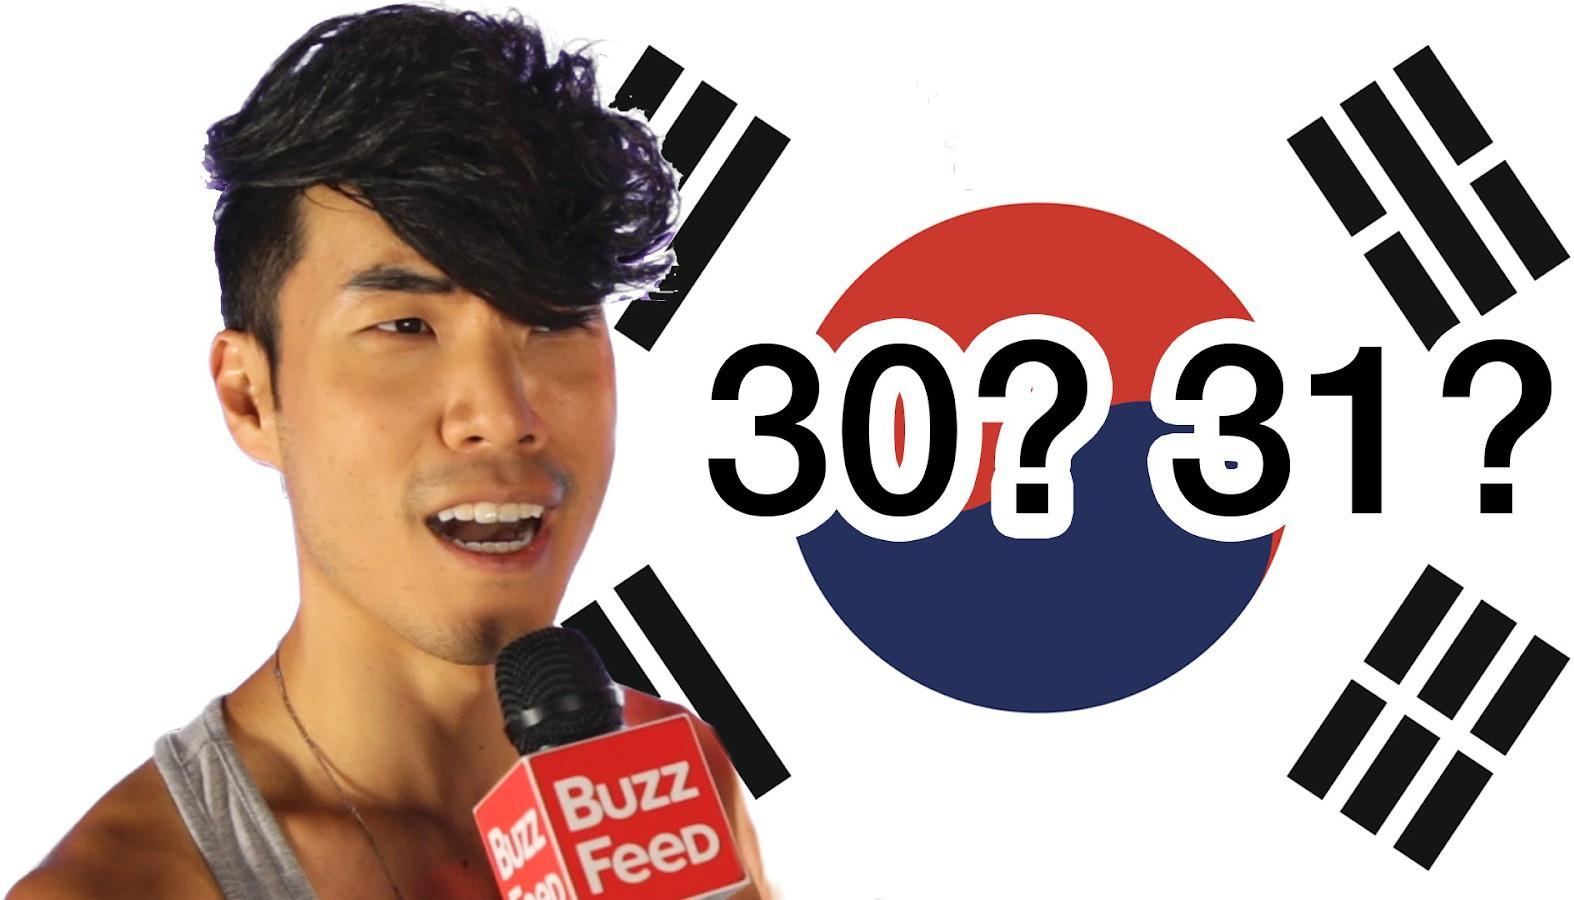 Những nét văn hóa đặc biệt và khó hiểu của Hàn Quốc: Rất quan tâm đến nhóm máu nhưng lại kiêng dùng mực đỏ - Ảnh 1.